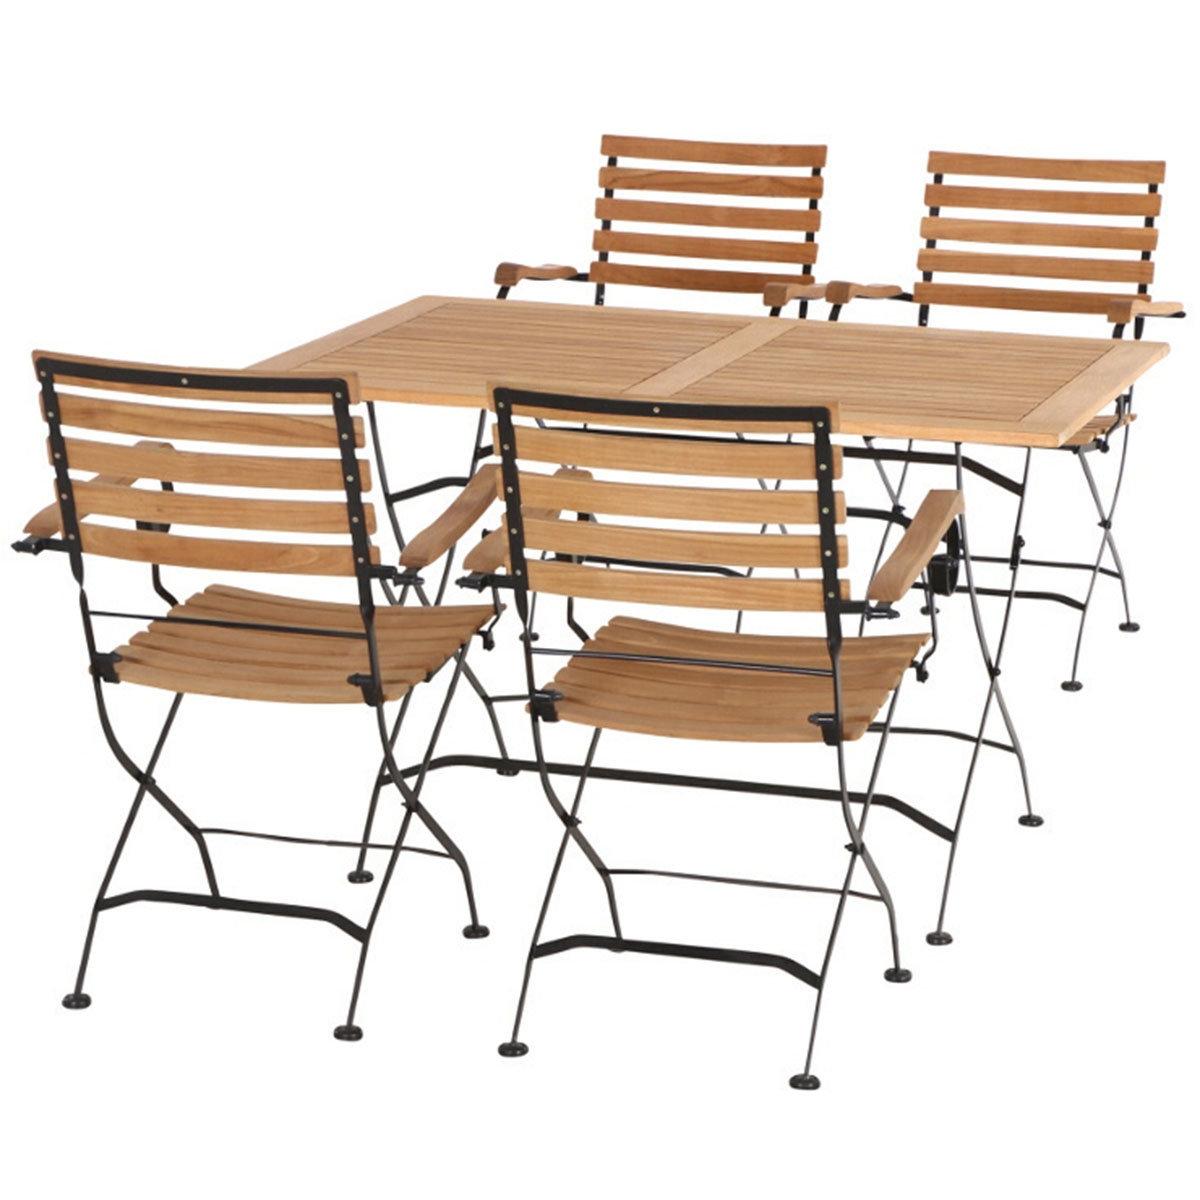 Gartenmöbel-Set Peru mit 4 Klappsesseln mit Armlehnen und 1 Klapptisch